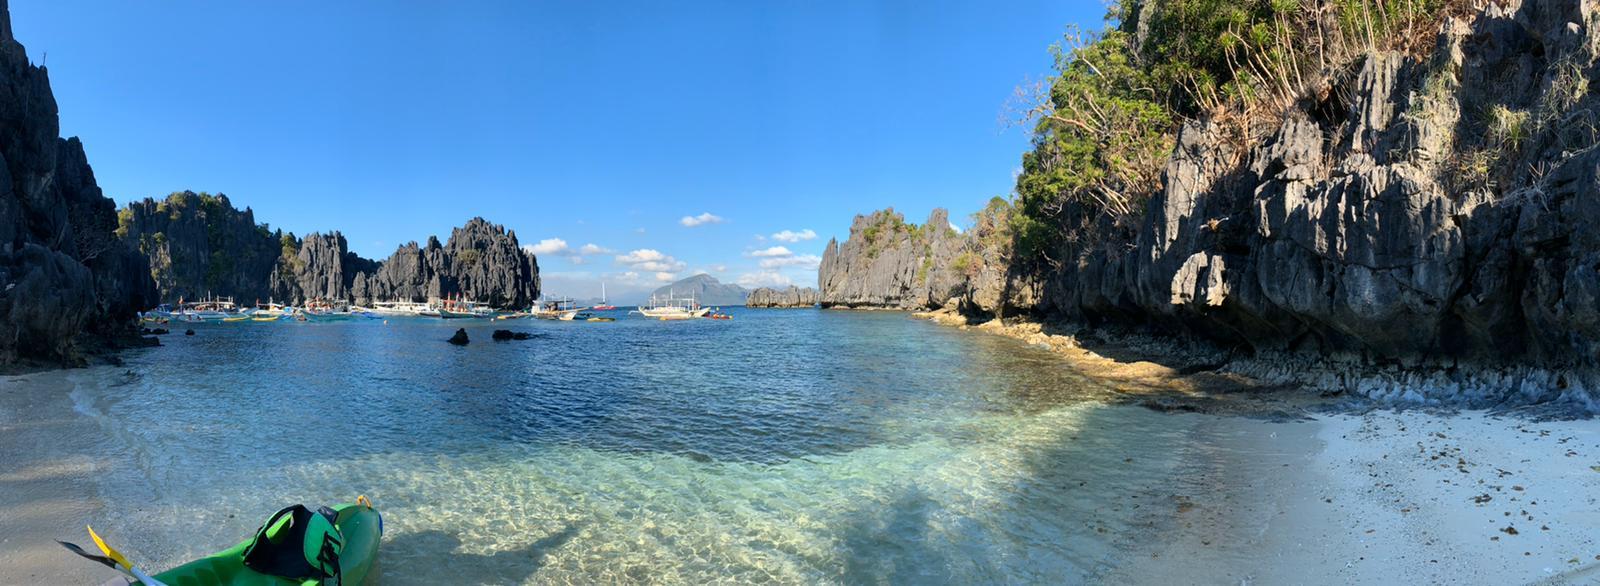 viaggio nelle filippine - miniloc Island e lagune